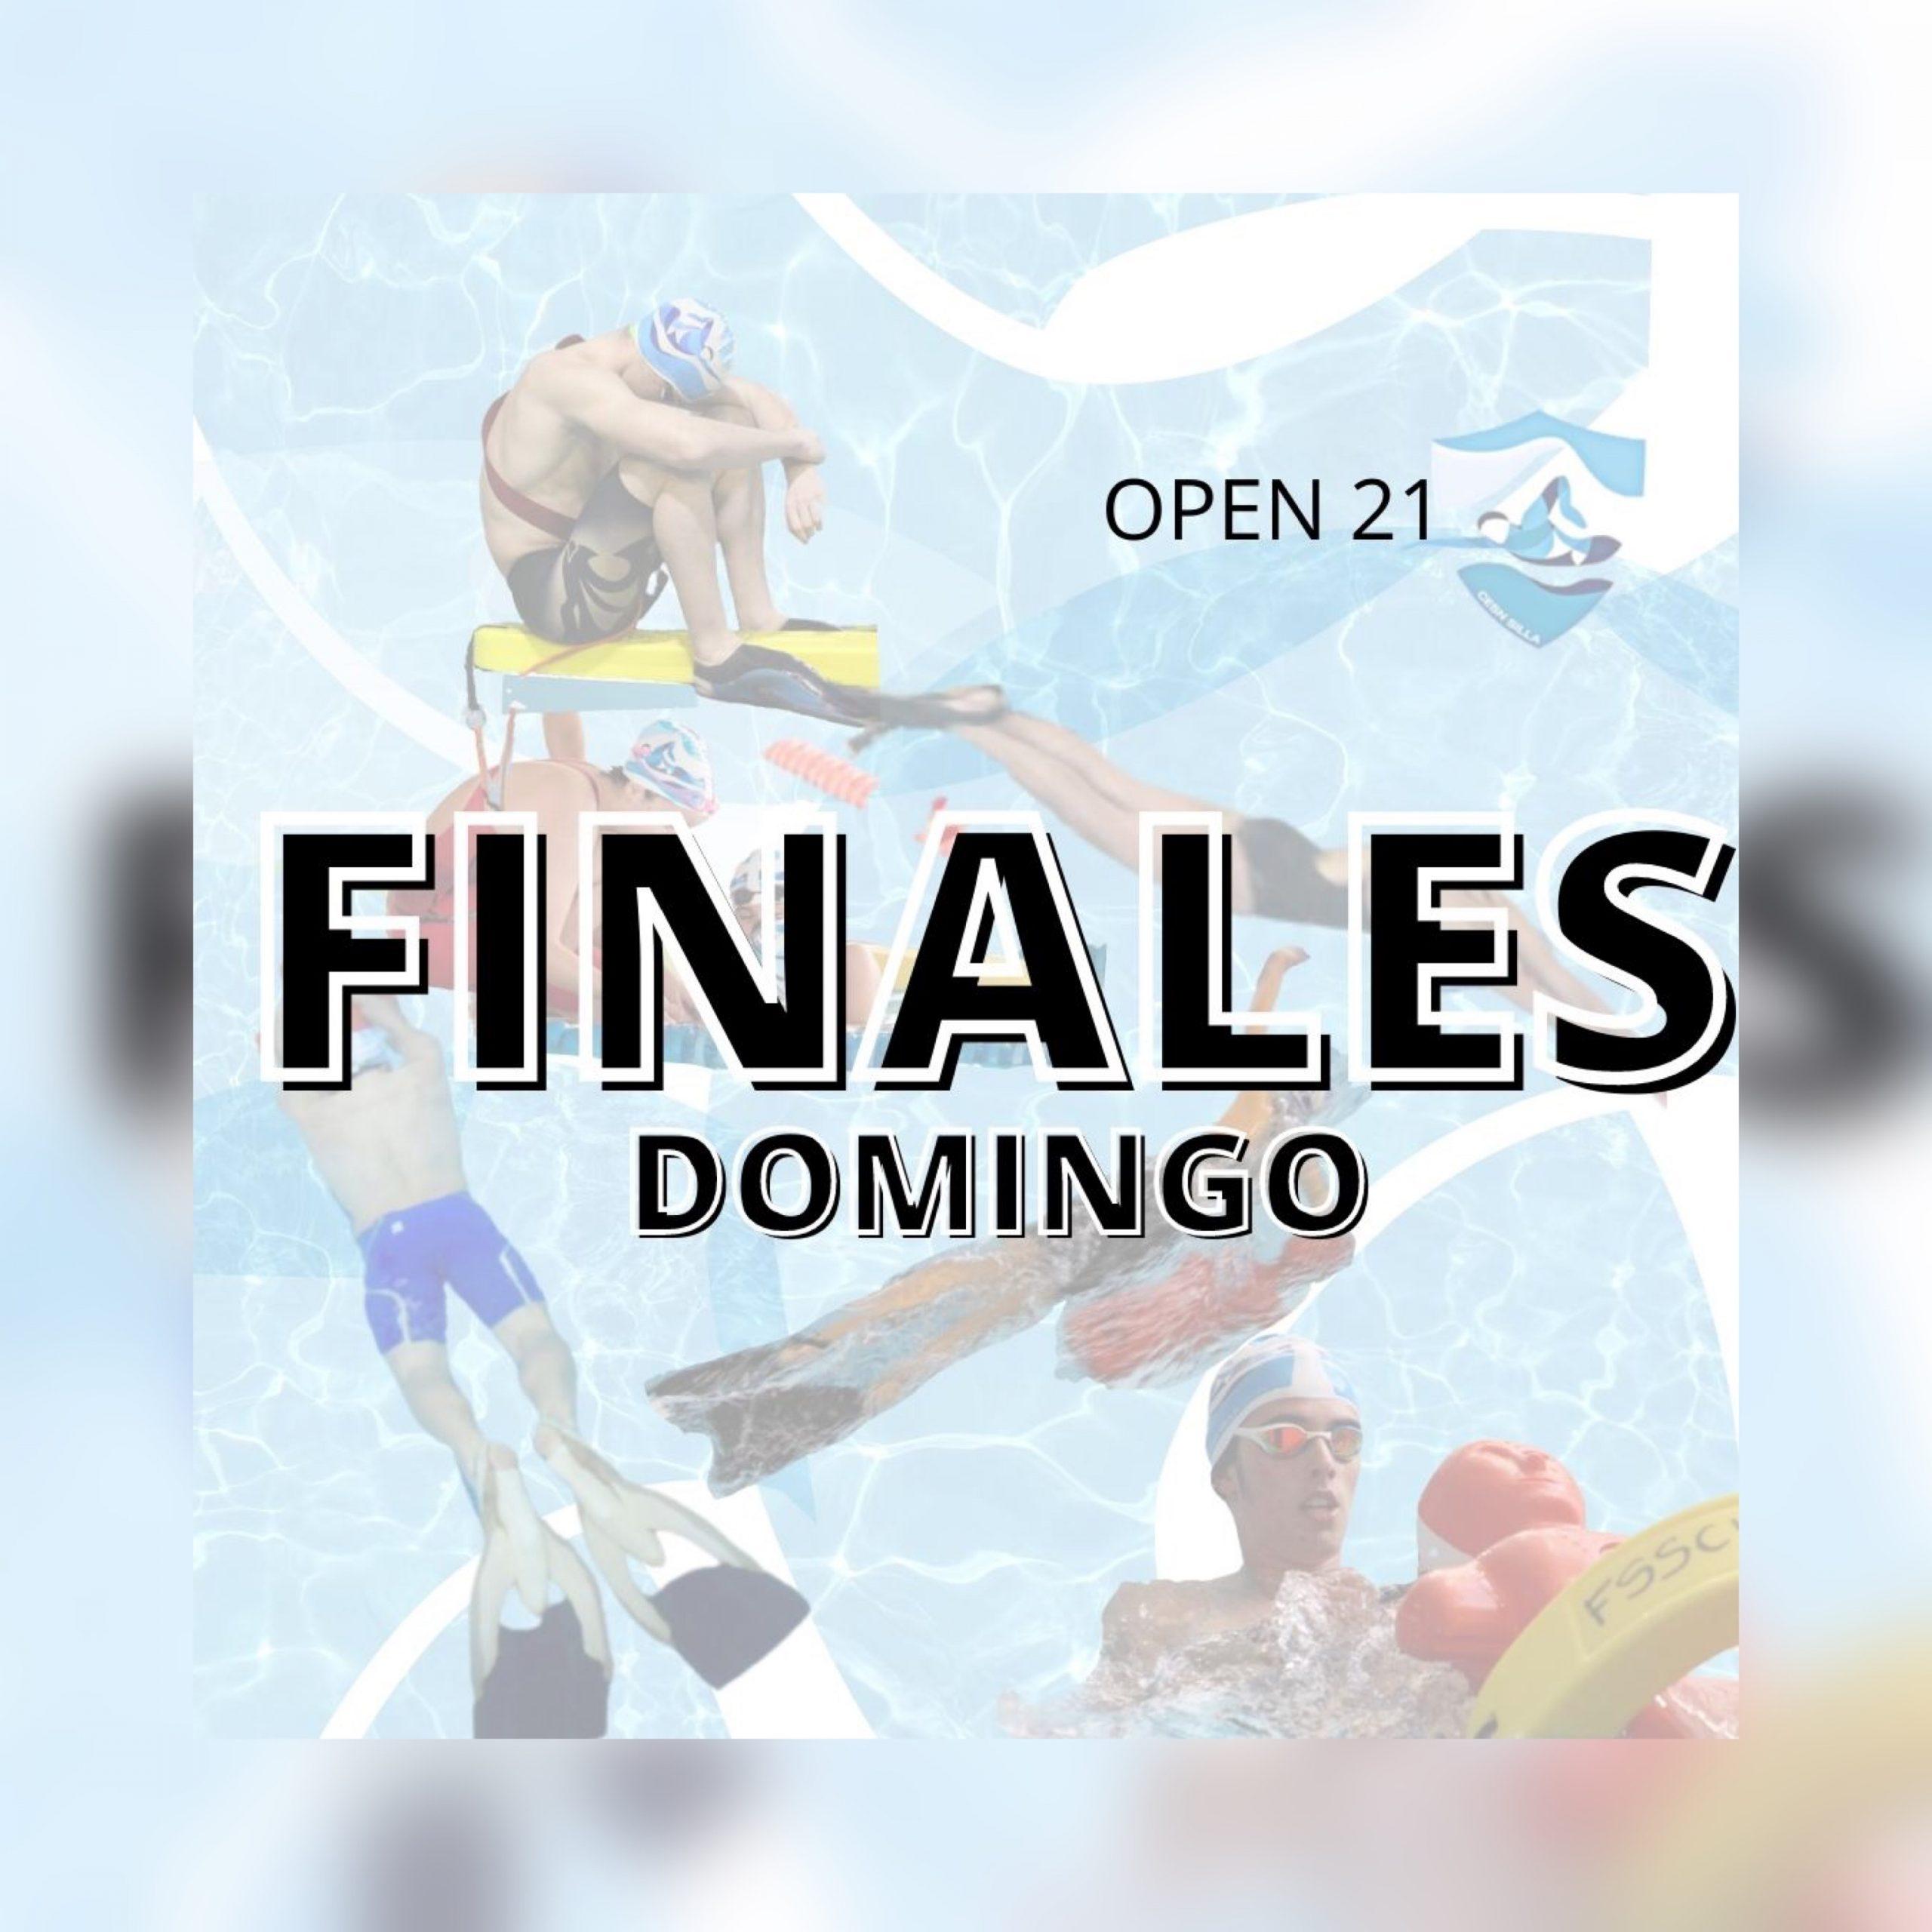 Finales Domingo